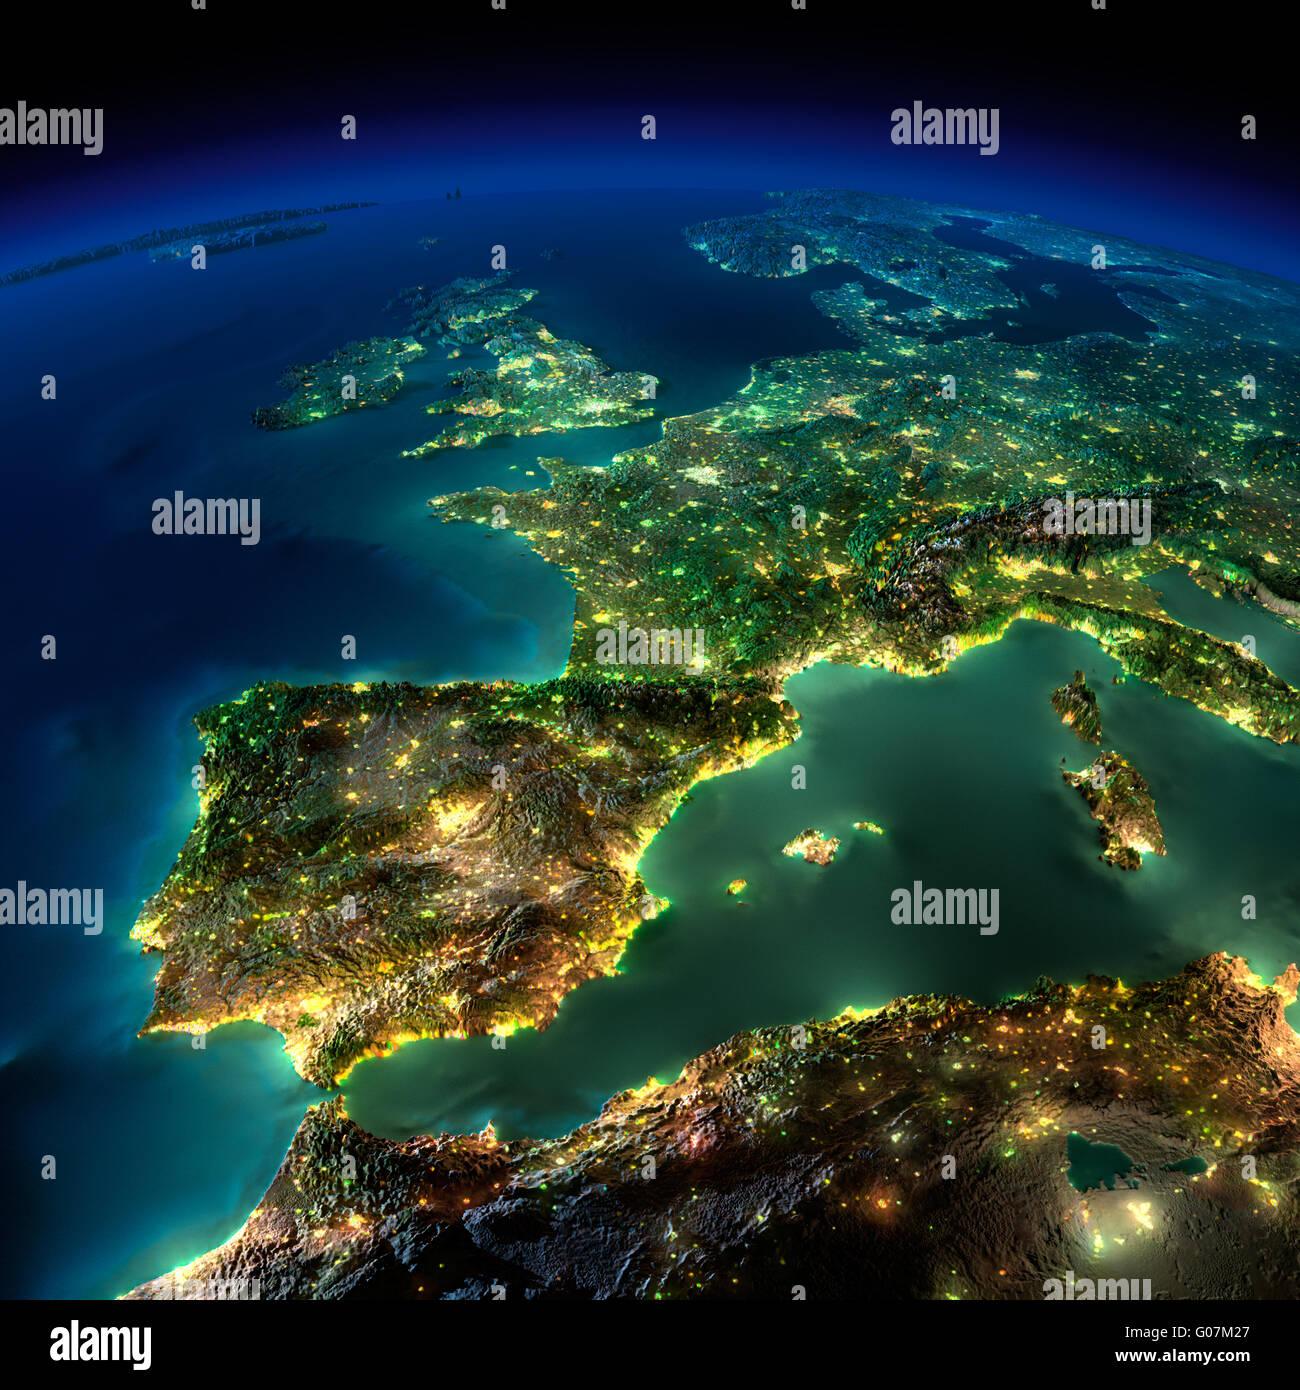 La terre de nuit. Un morceau de l'Europe - Espagne, Portugal, France Photo Stock